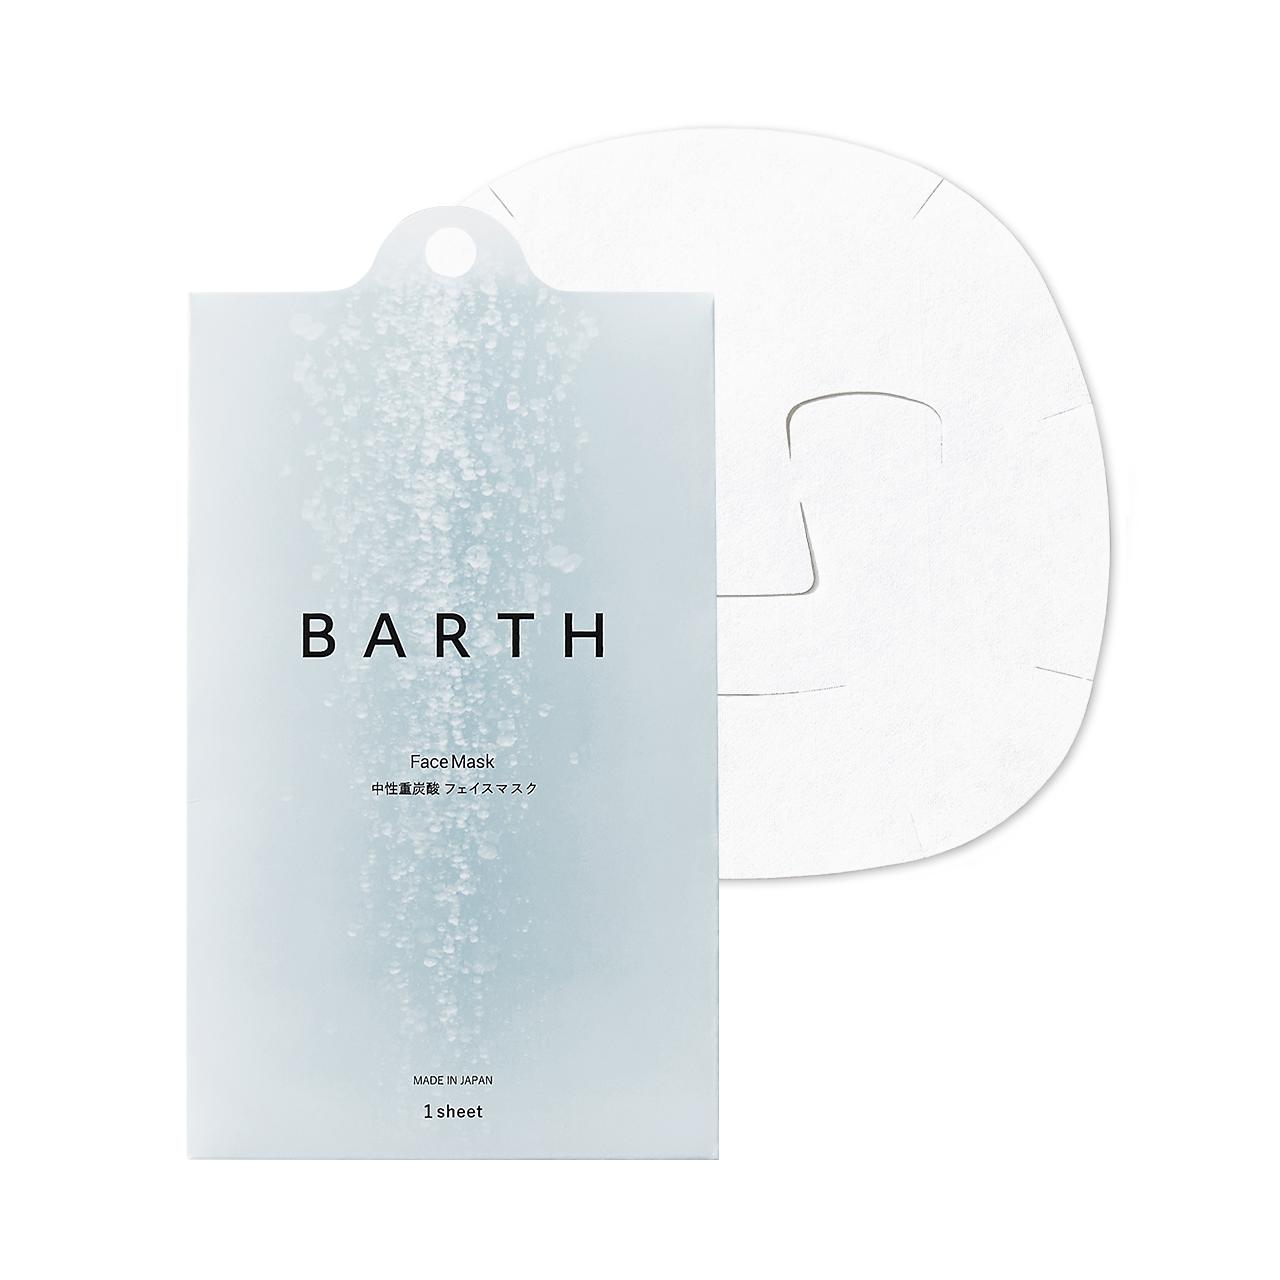 中性重炭酸フェイスマスク,BARTH(バース)